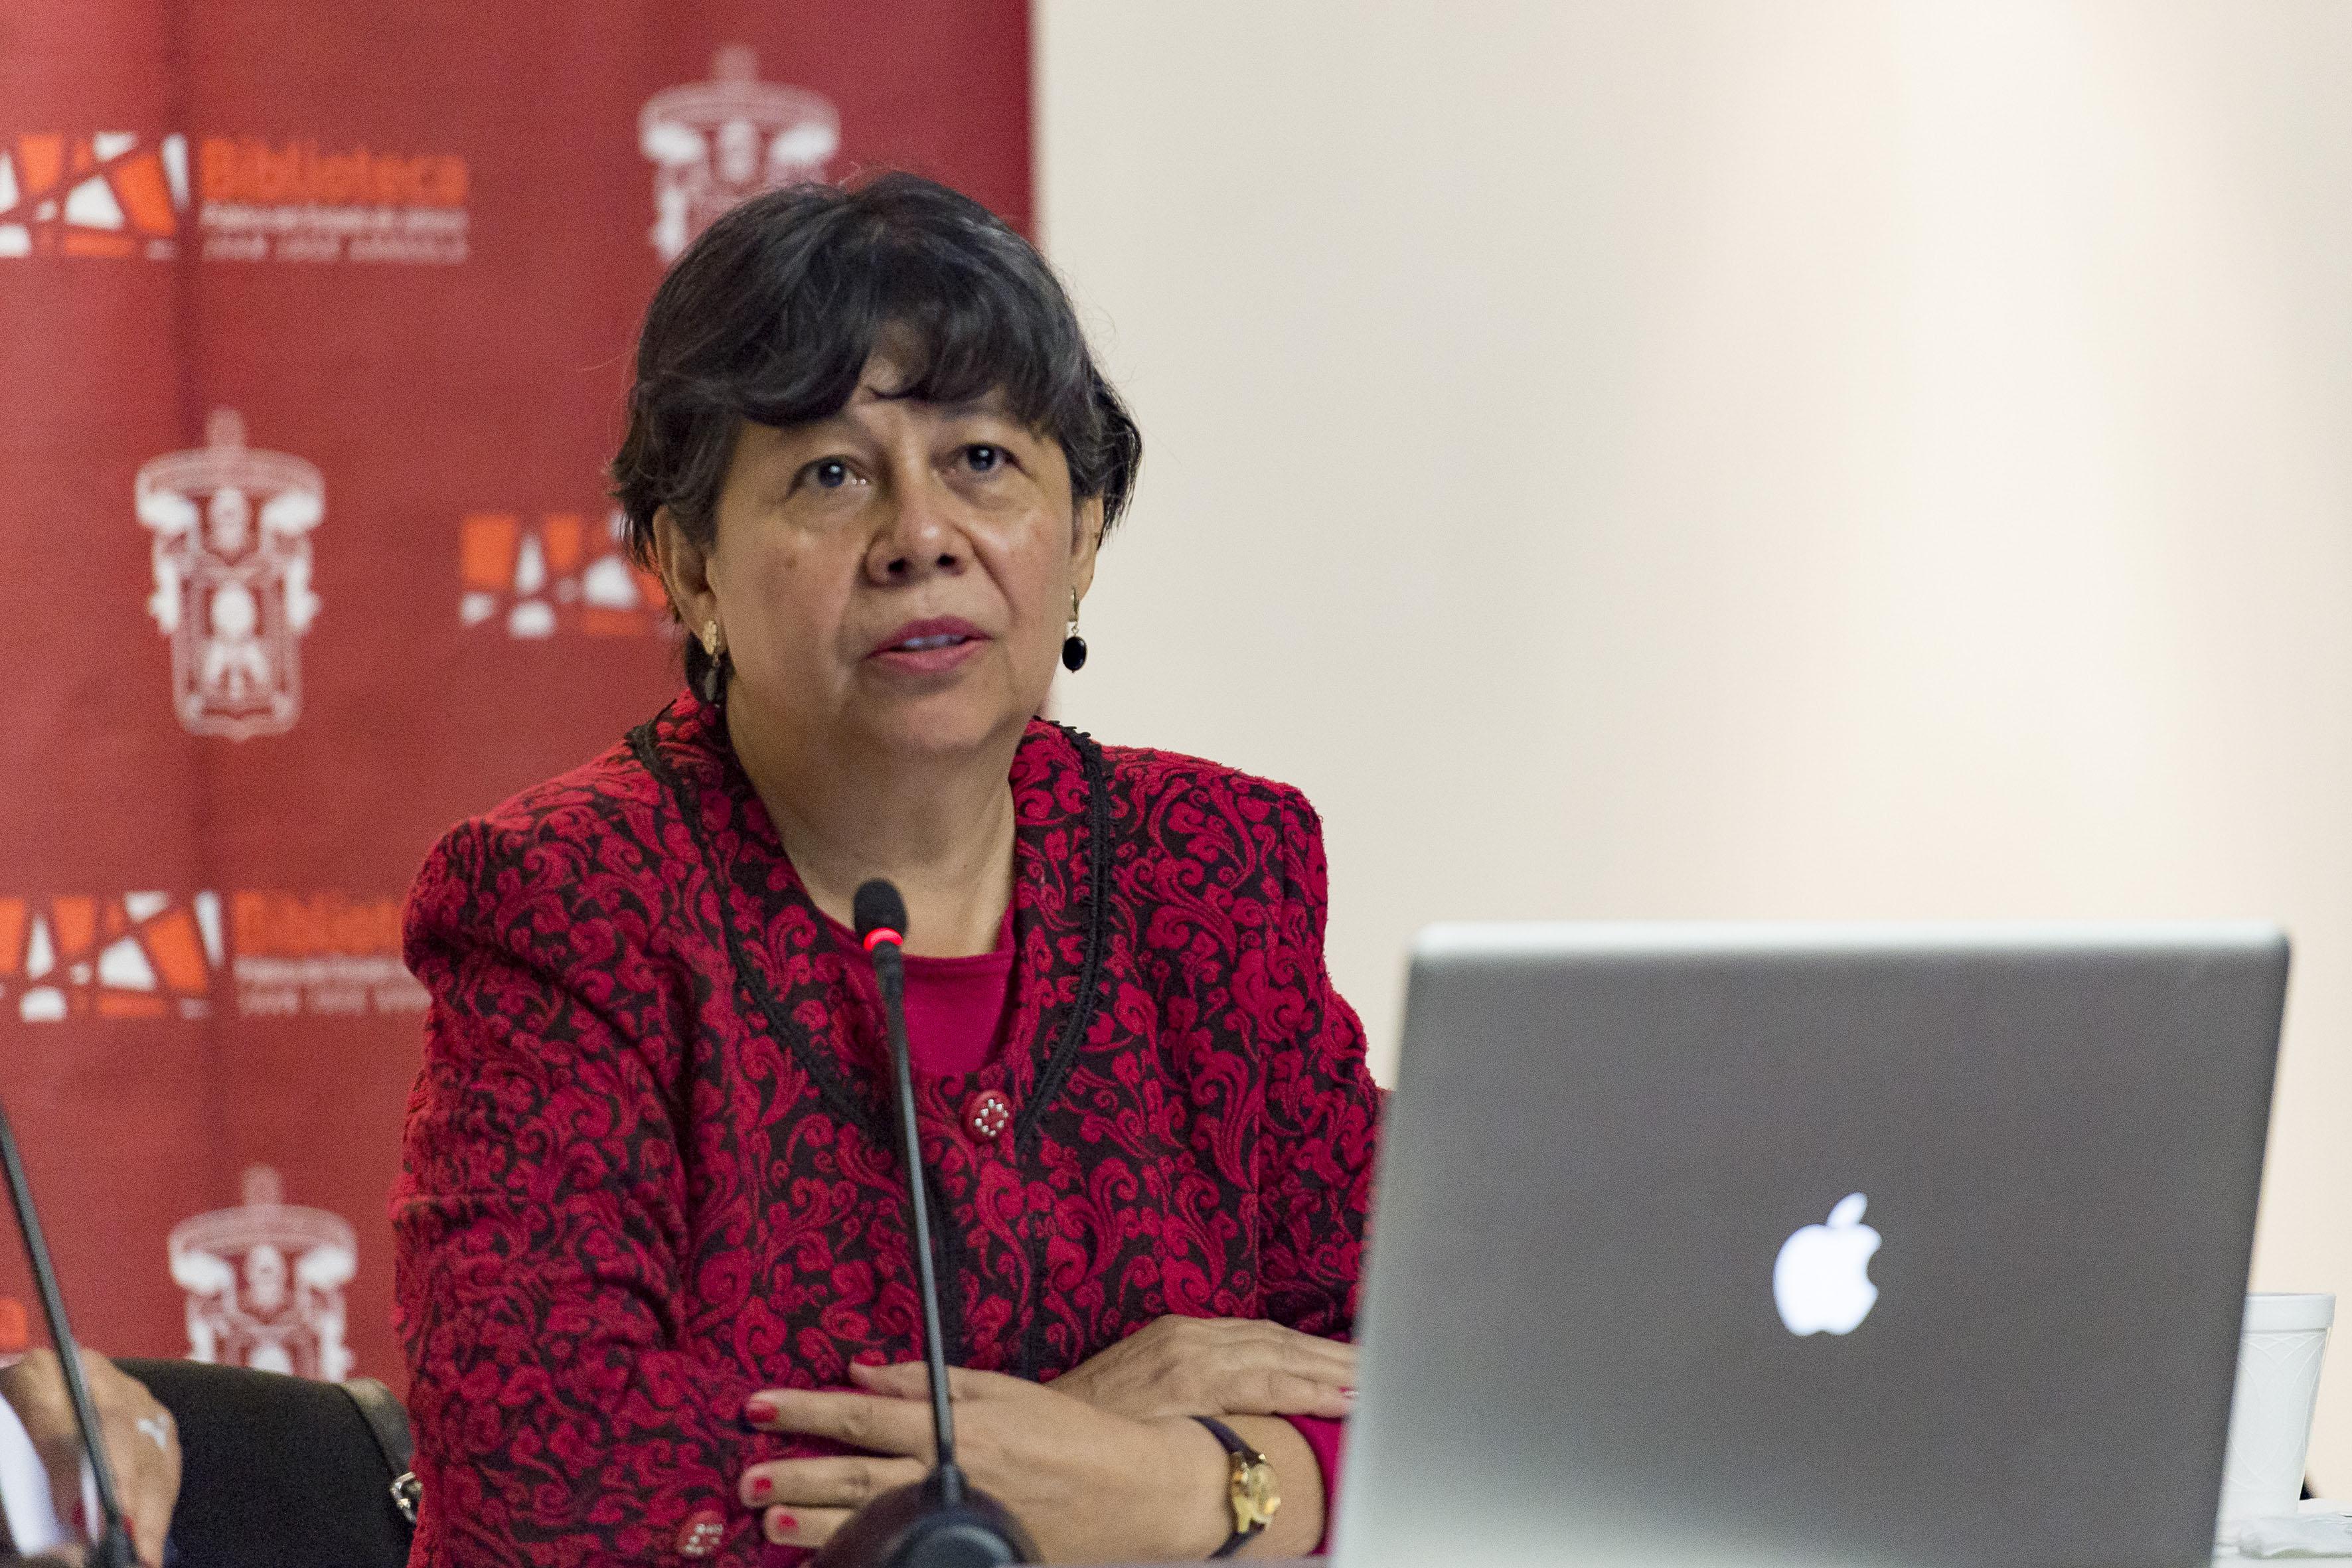 Doctora Ofelia Woo Morales, investigadora del Departamento de Estudios Socio Urbanos del Centro Universitario de Ciencias Sociales y Humanidades de la UdeG, haciendo uso de la palabra.